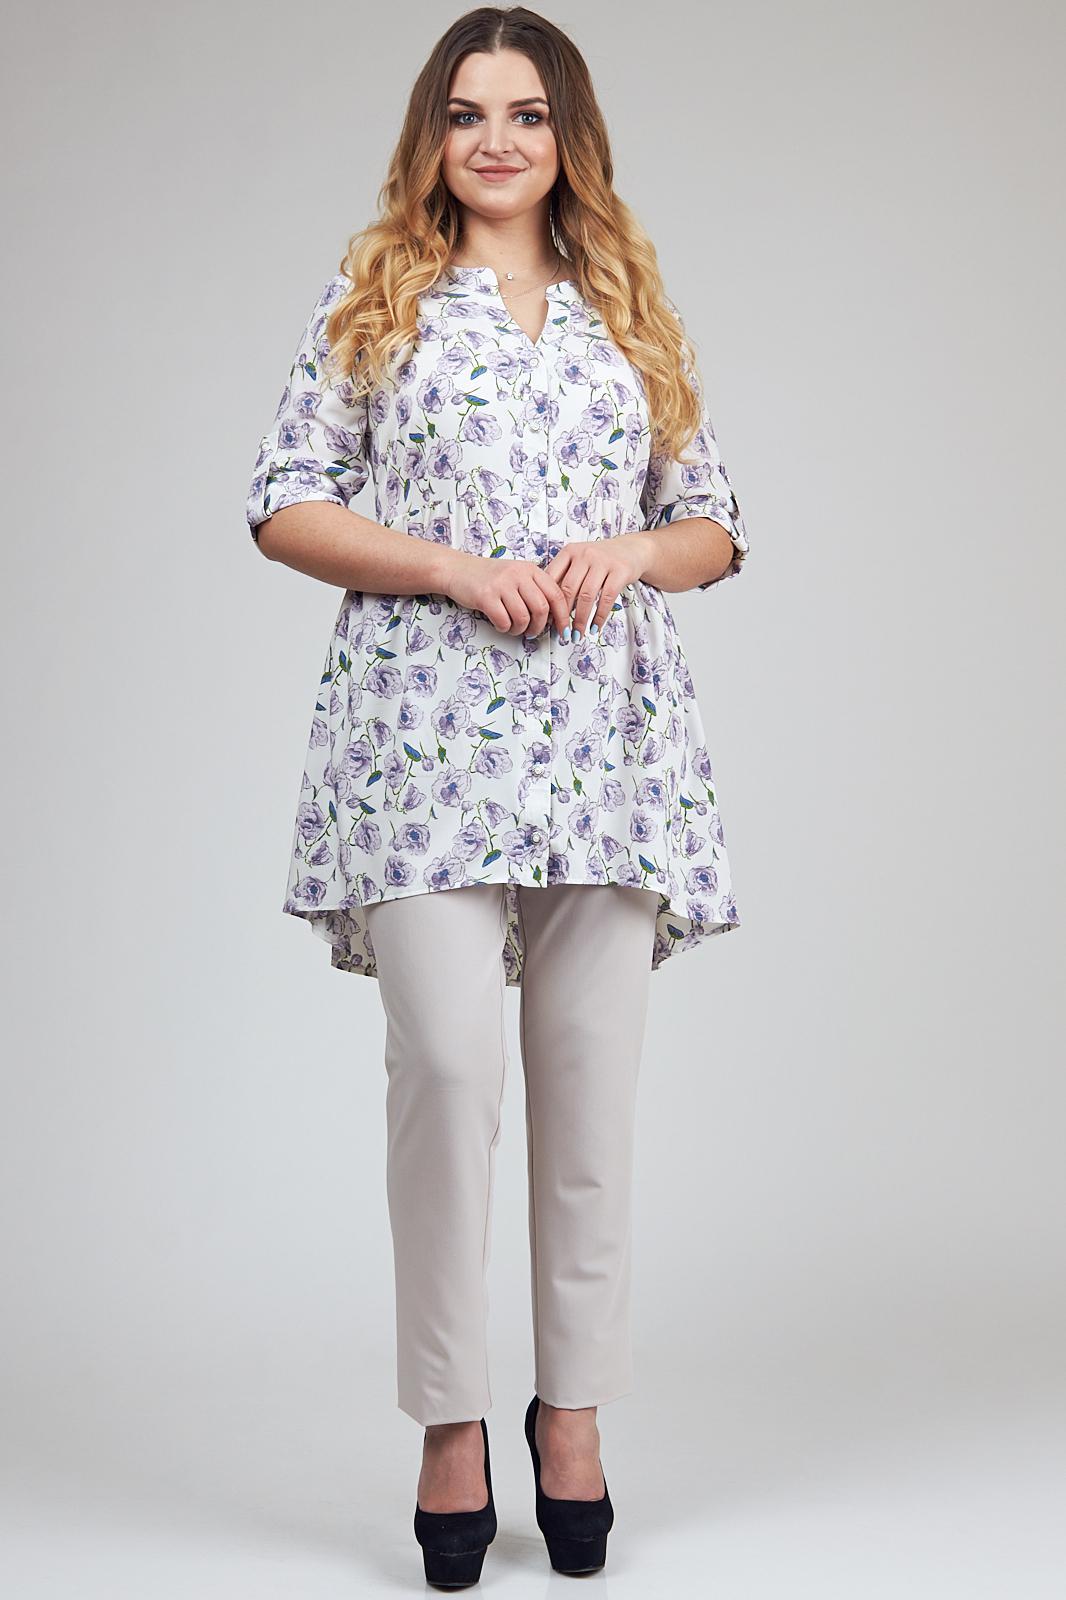 Купить женские брюки в интернет-магазине в Минске 6f552341eee23